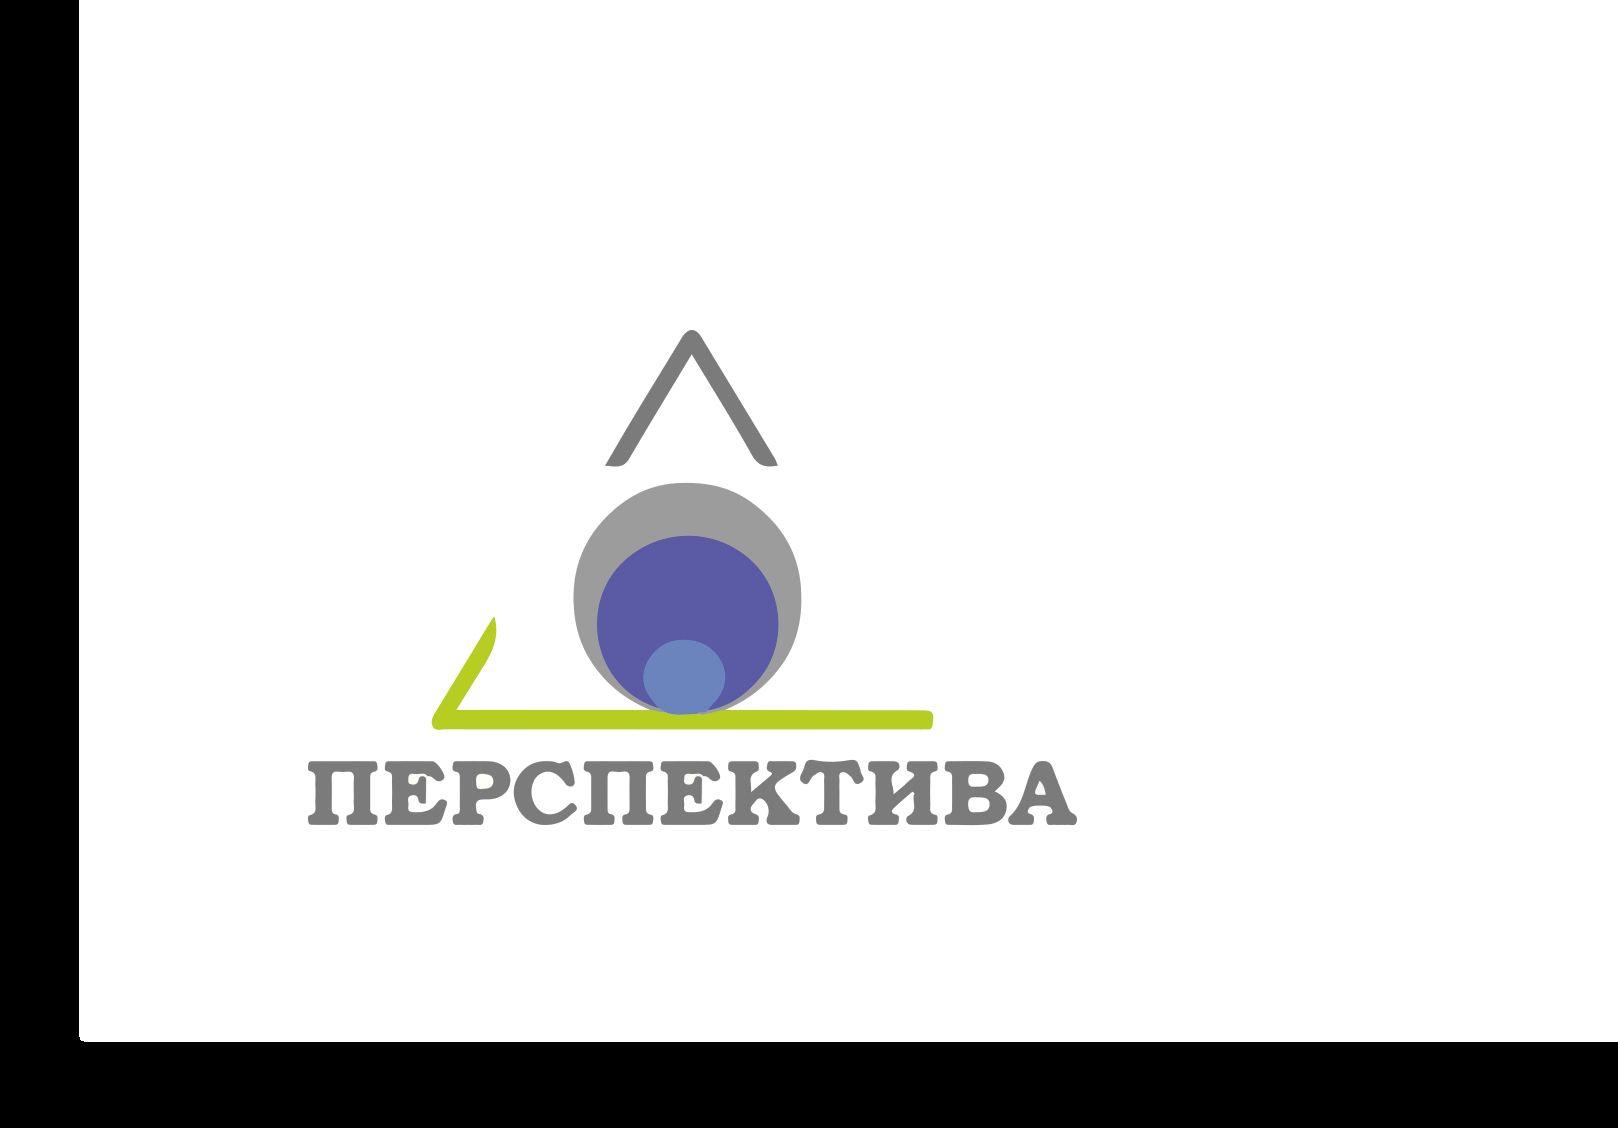 Логотип для компании  - дизайнер Rubelli